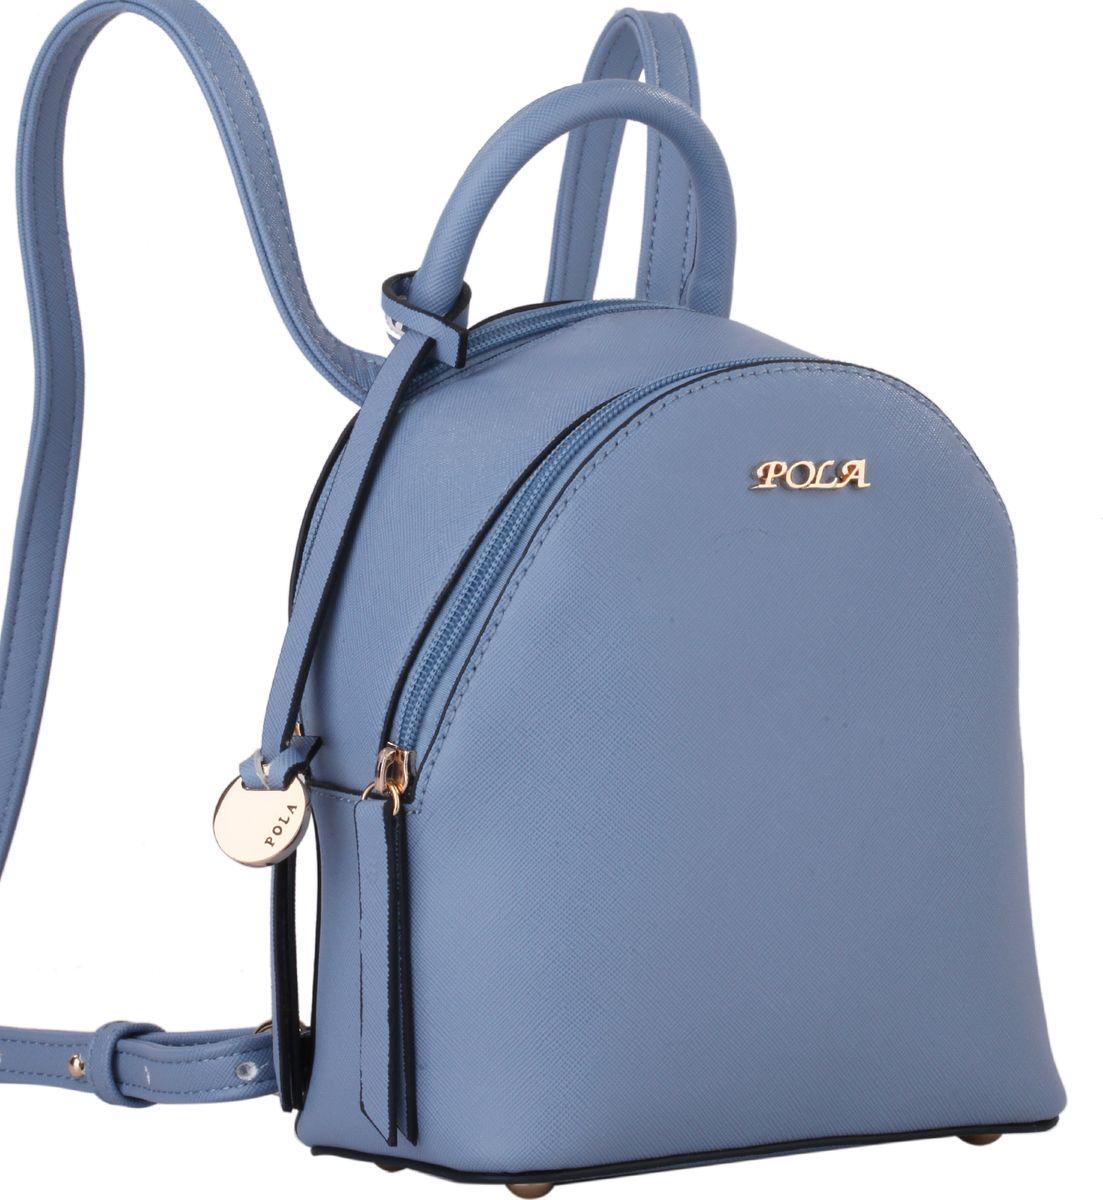 Рюкзак женский Pola, цвет: синий. 64449RivaCase 8460 blackНебольшой женский рюкзак Pola выполнен из экокожи. Имеет две молнии для доступа во внутреннее отделение, внутри которого один открытый карман и карман на молнии. Сверху ручка для переноски. Лямки сконструированы таким образом, что рюкзак можно носить как сумку на плечо, если протянуть ремешок вверх через кольца. Ремень можно регулировать по длине, максимальная высота 50 см. На дне металлические ножки. Цвет фурнитуры - золото.